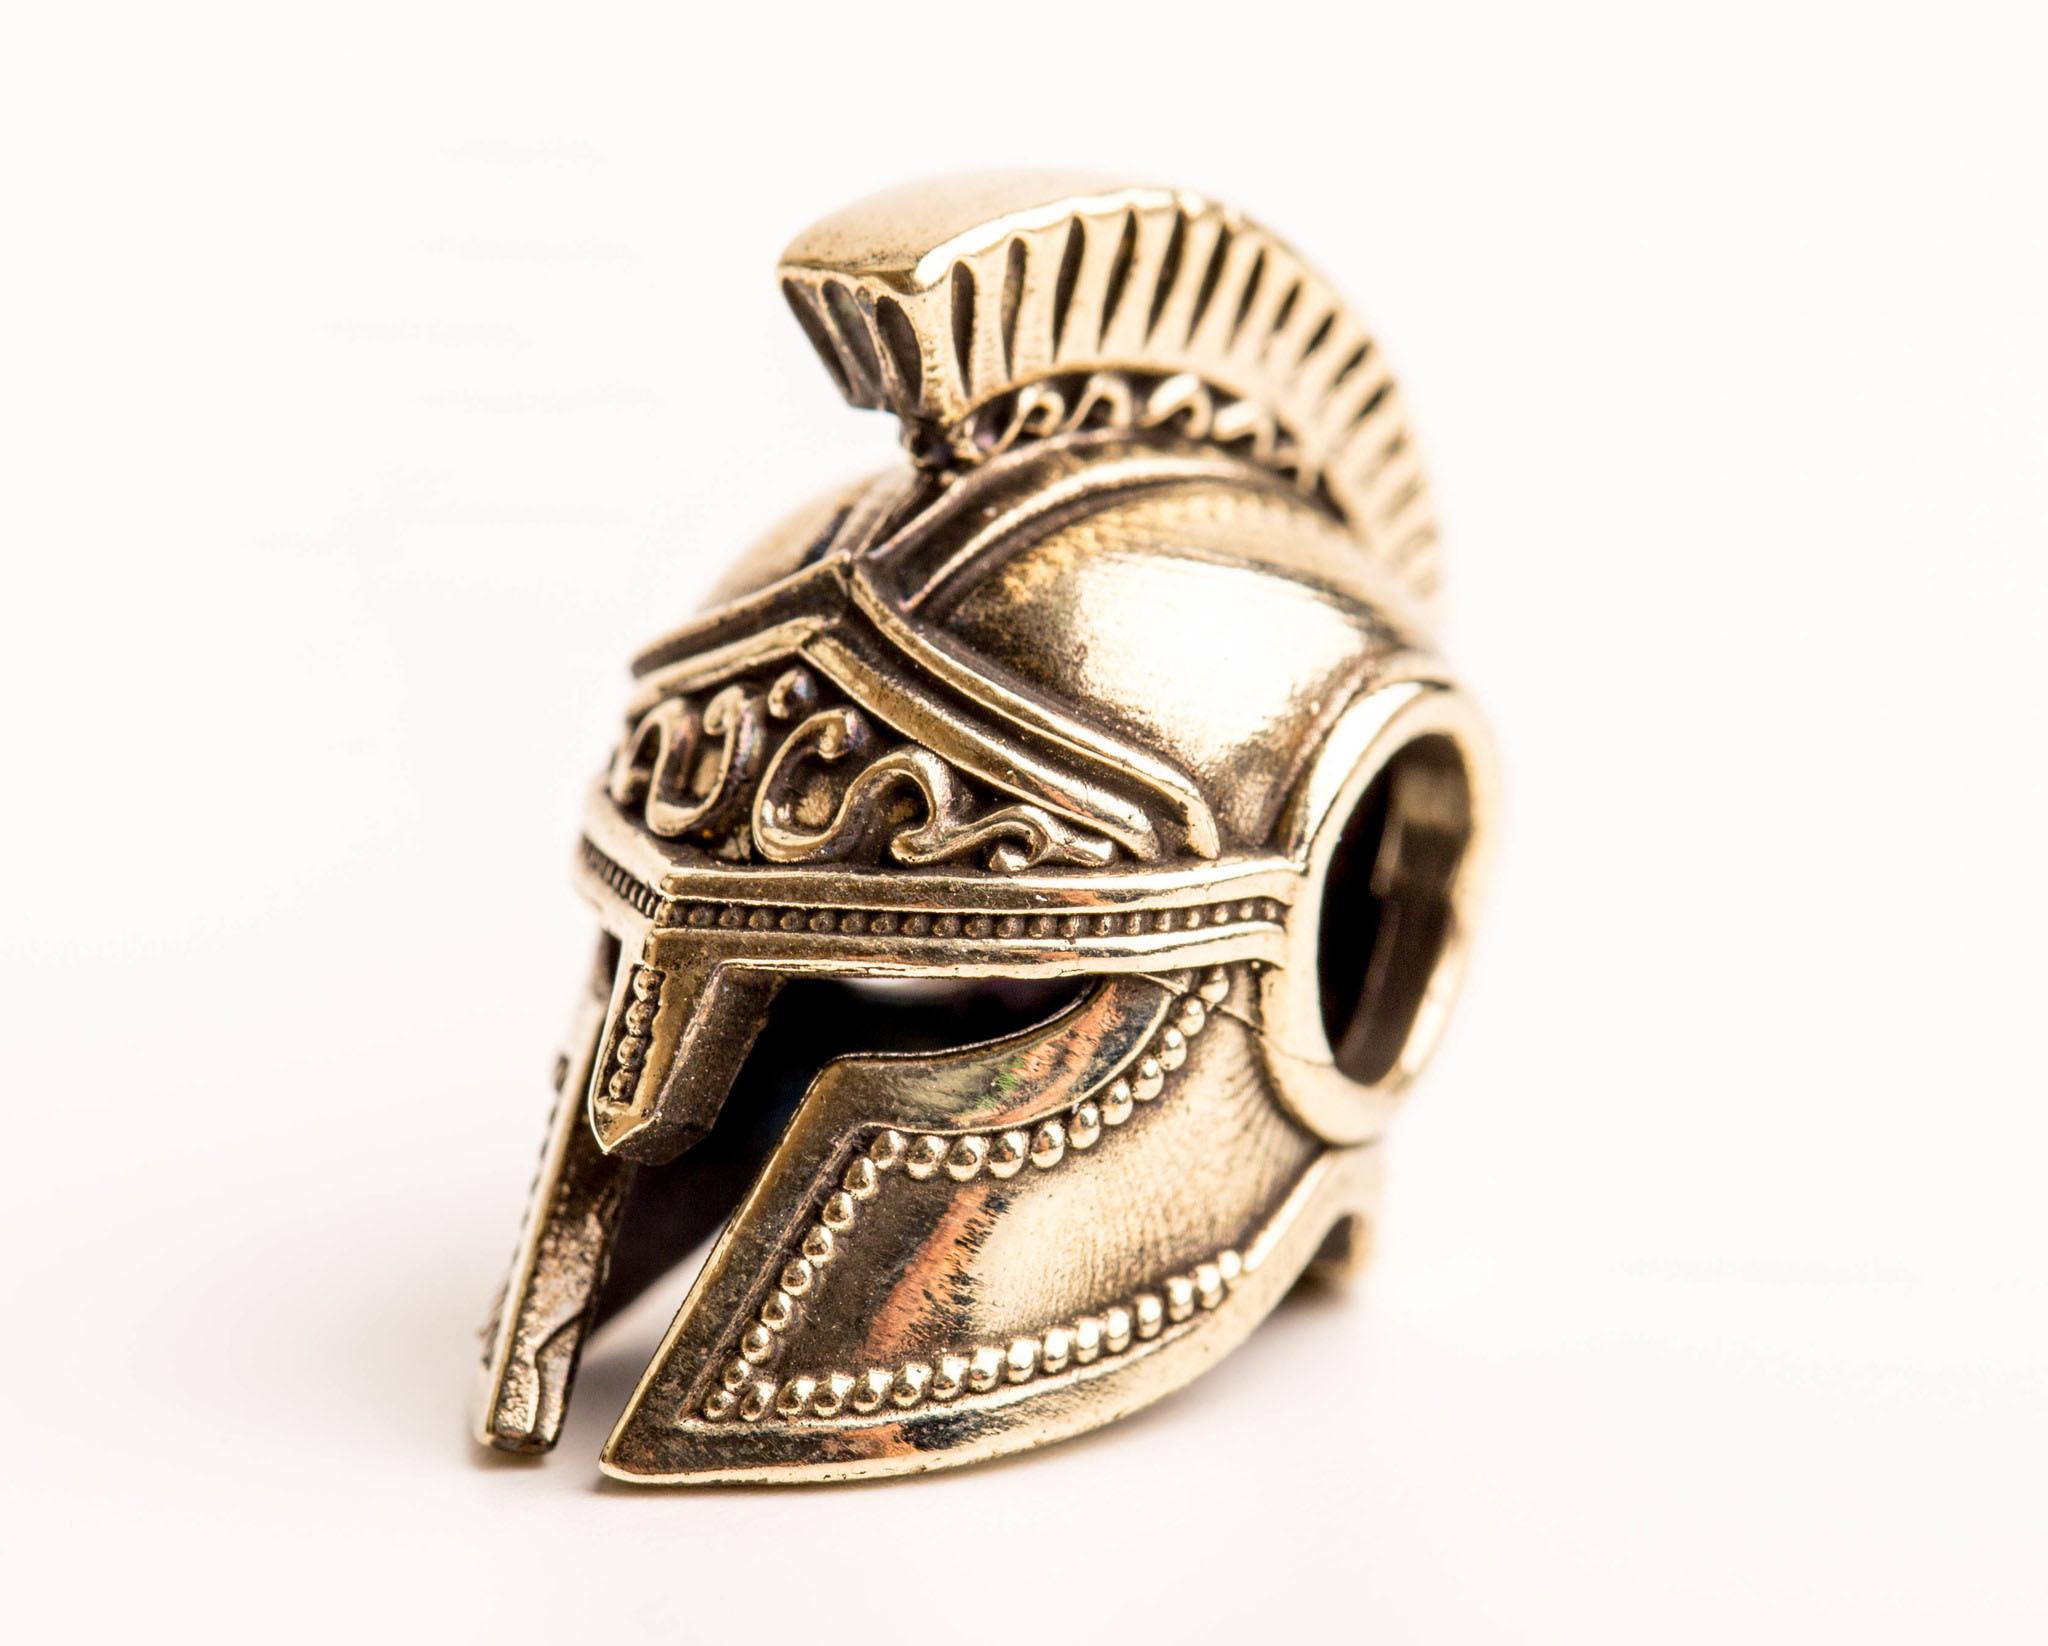 Бусина Спартанский шлем, мельхиор от Replica House